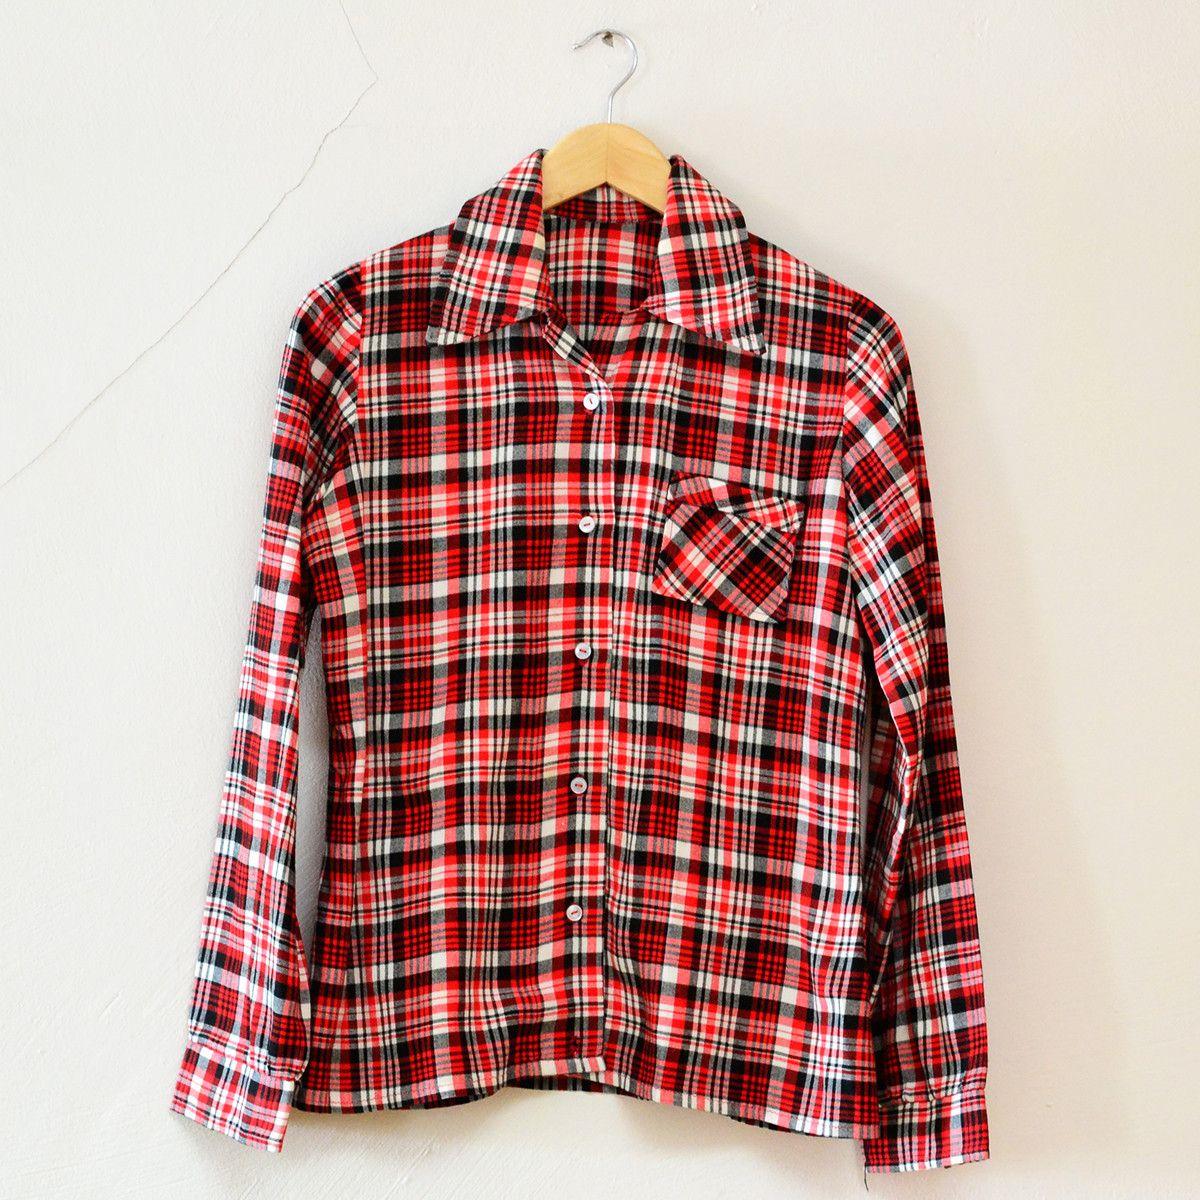 Flannel shirt vintage  Red Black Plaid Shirt M  Red black Black plaid shirt and Plaid